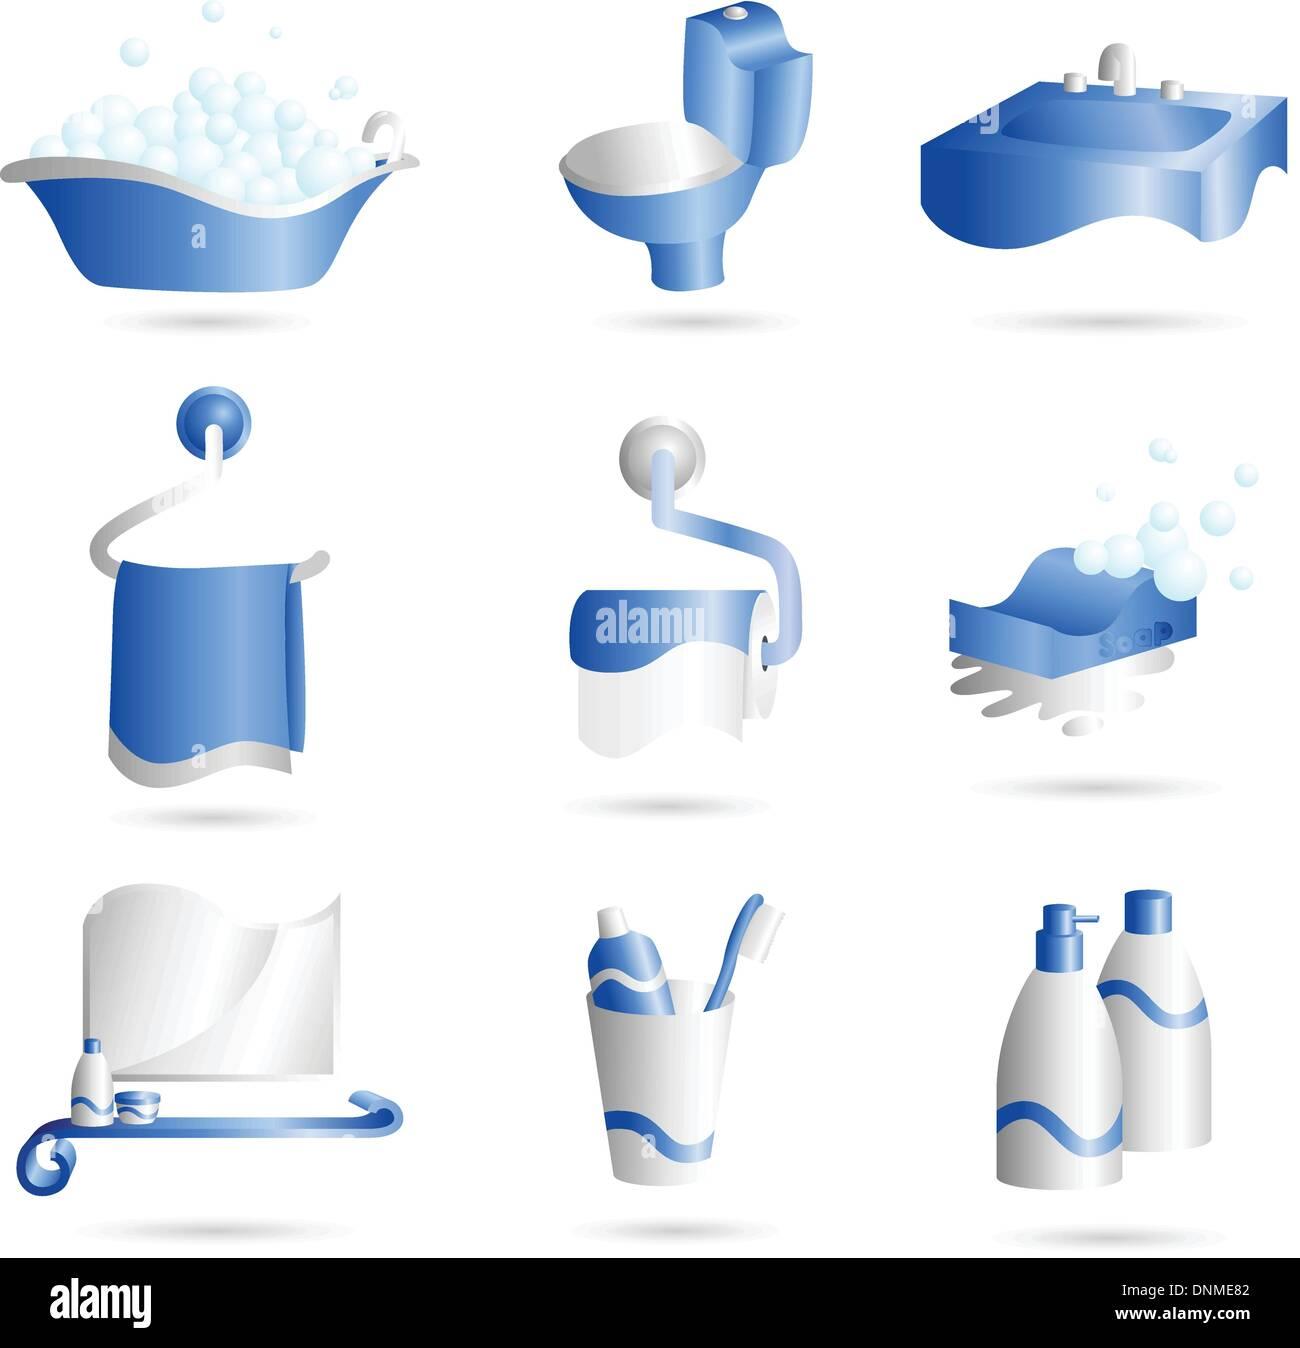 Un vecteur illustration d'icônes de choses qui peuvent être trouvés dans la salle de bains Photo Stock